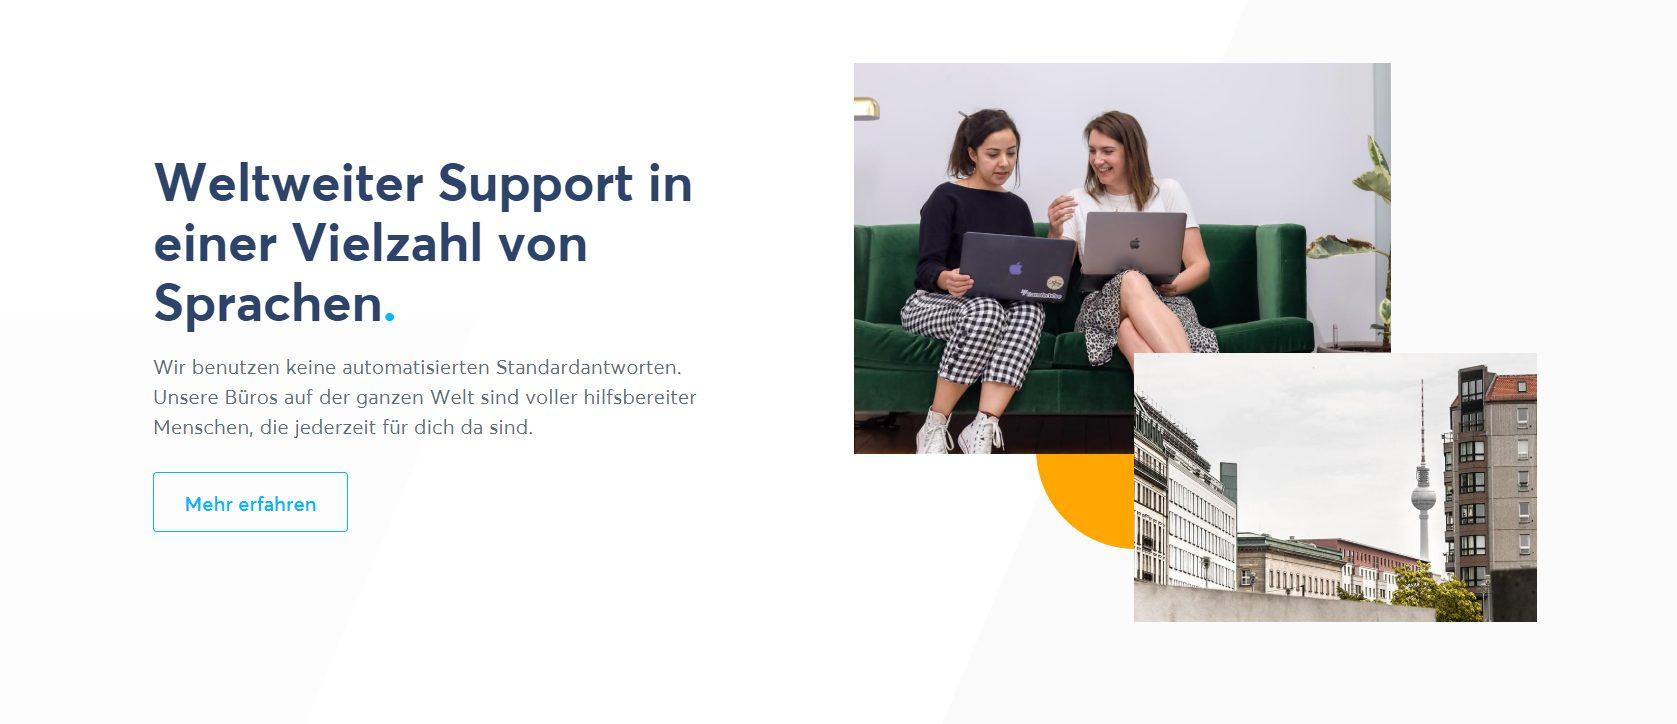 TransferWise offeriert einen Kundensupport in vielen Sprachen an.